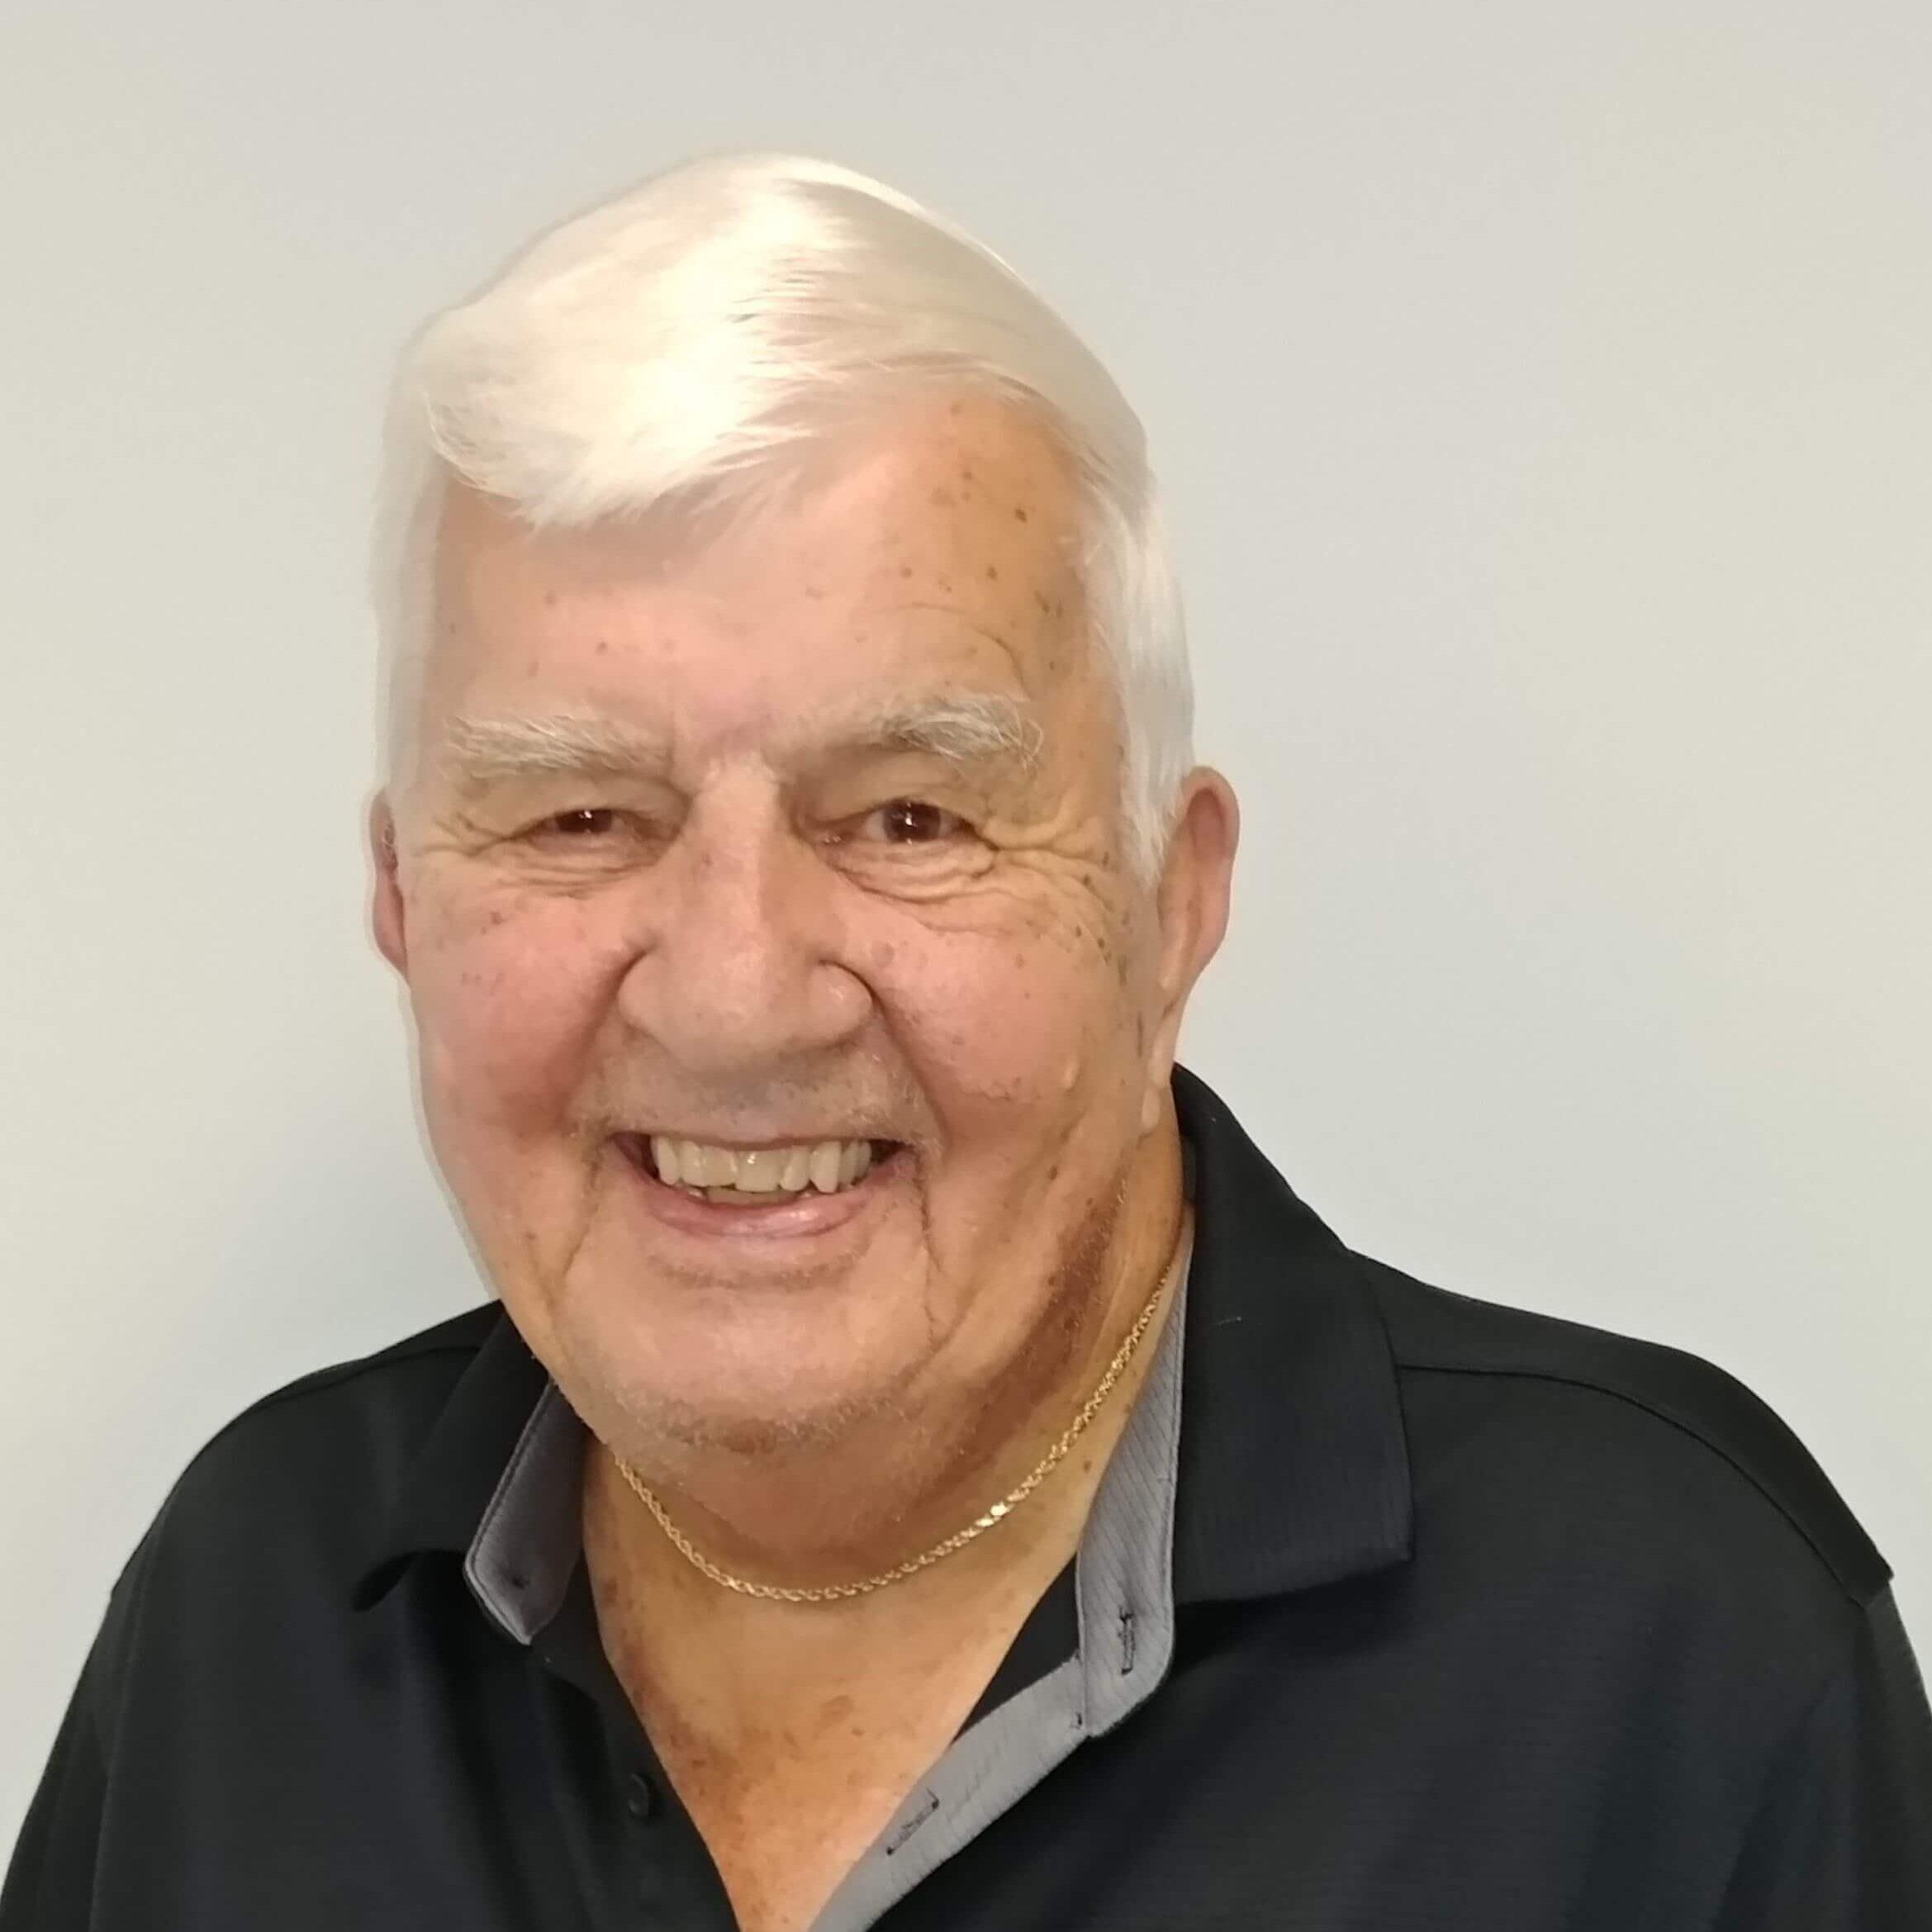 Don Hangartner